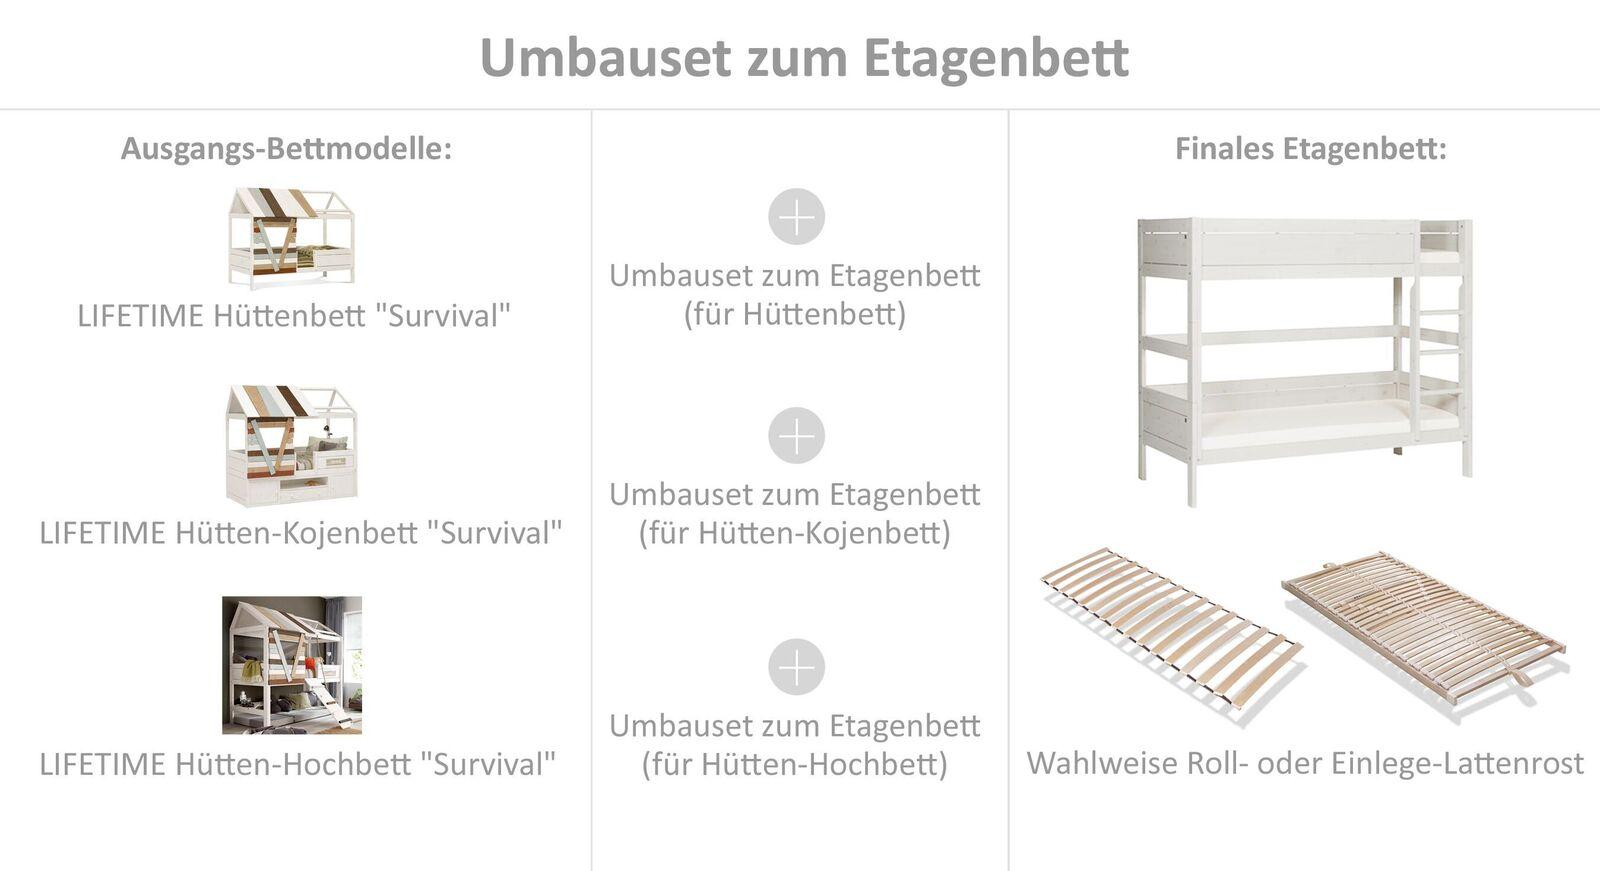 LIFETIME Umbausets zum Etagenbett für Doppel-Kinderzimmer